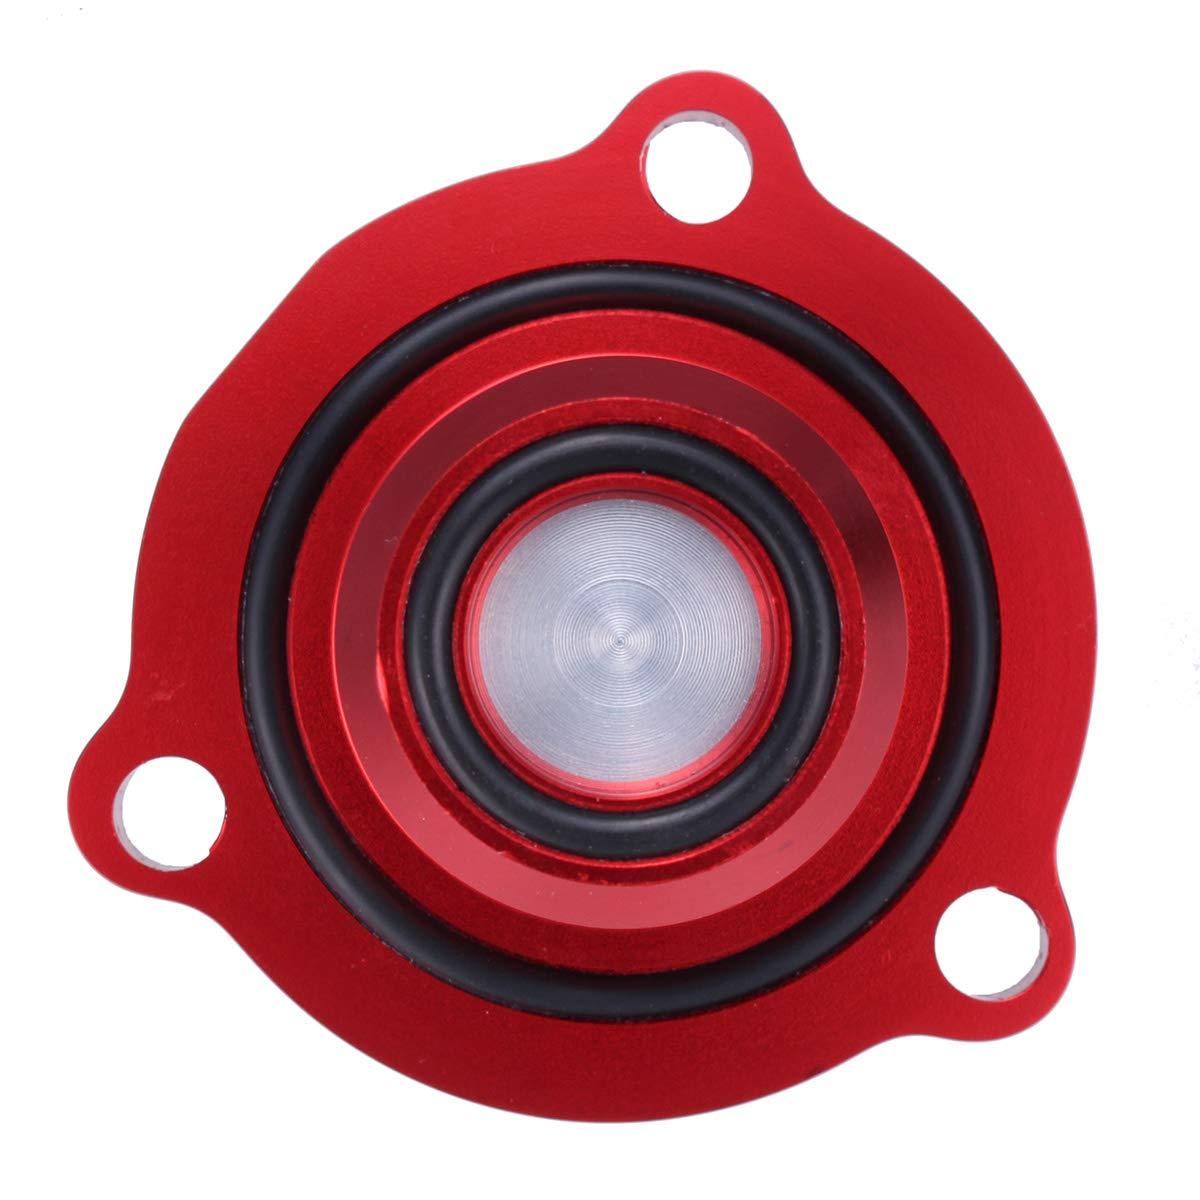 FeLiCia Rojo Aluminio Turbo Volcado De La Válvula para Vauxhall Opel Astra Mk4 Corsa Zafira: Amazon.es: Coche y moto